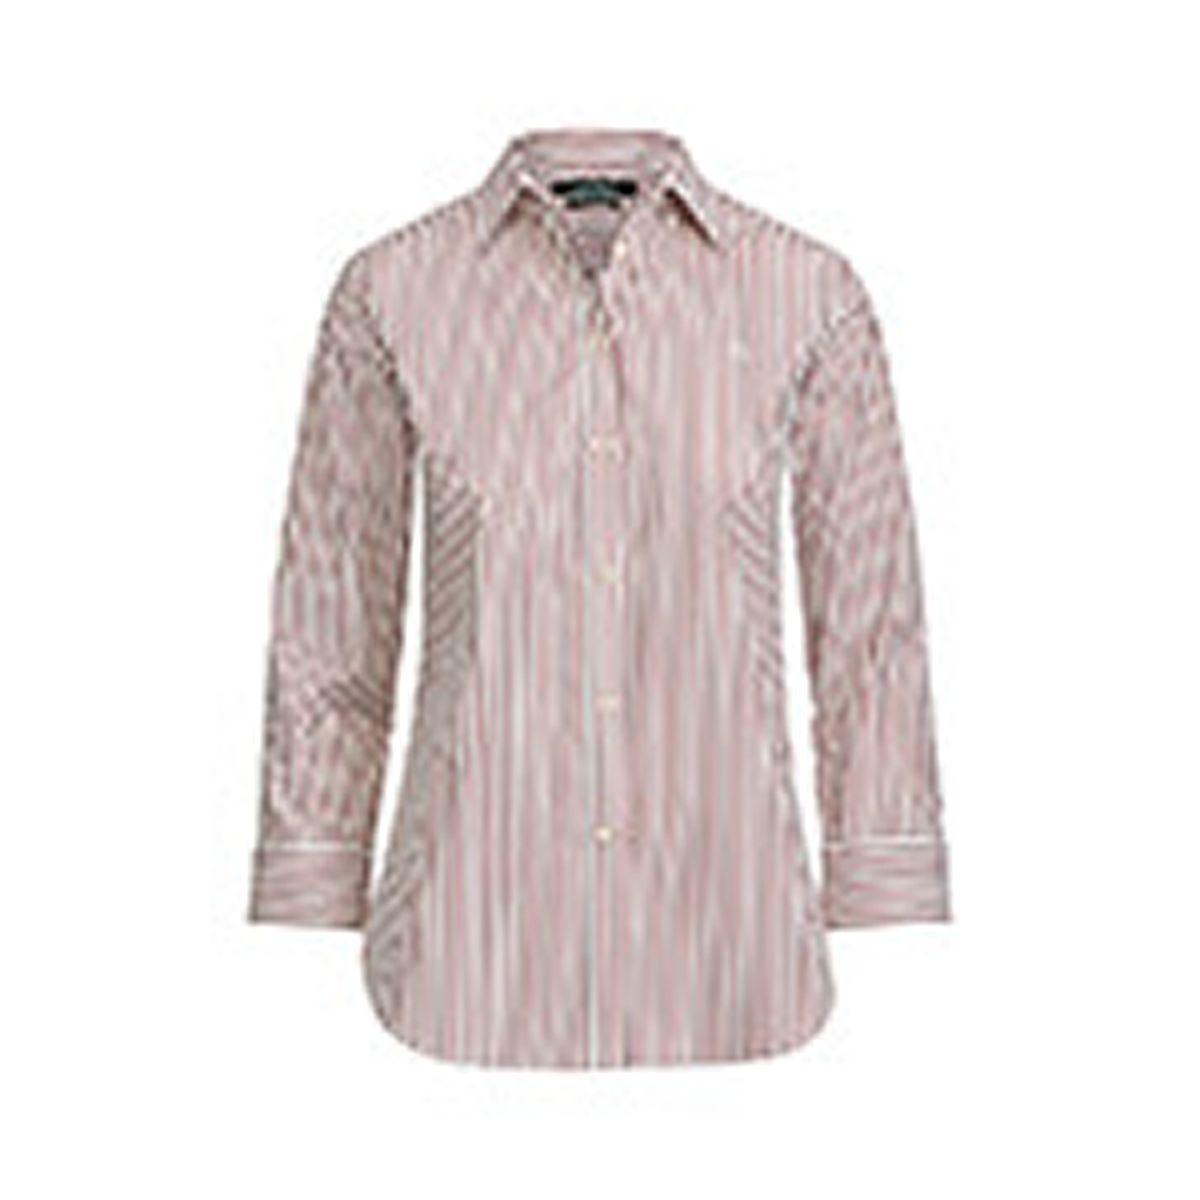 cce3d5fe9a6 Ralph Lauren Petite Clothing - Dresses   More - Macy s